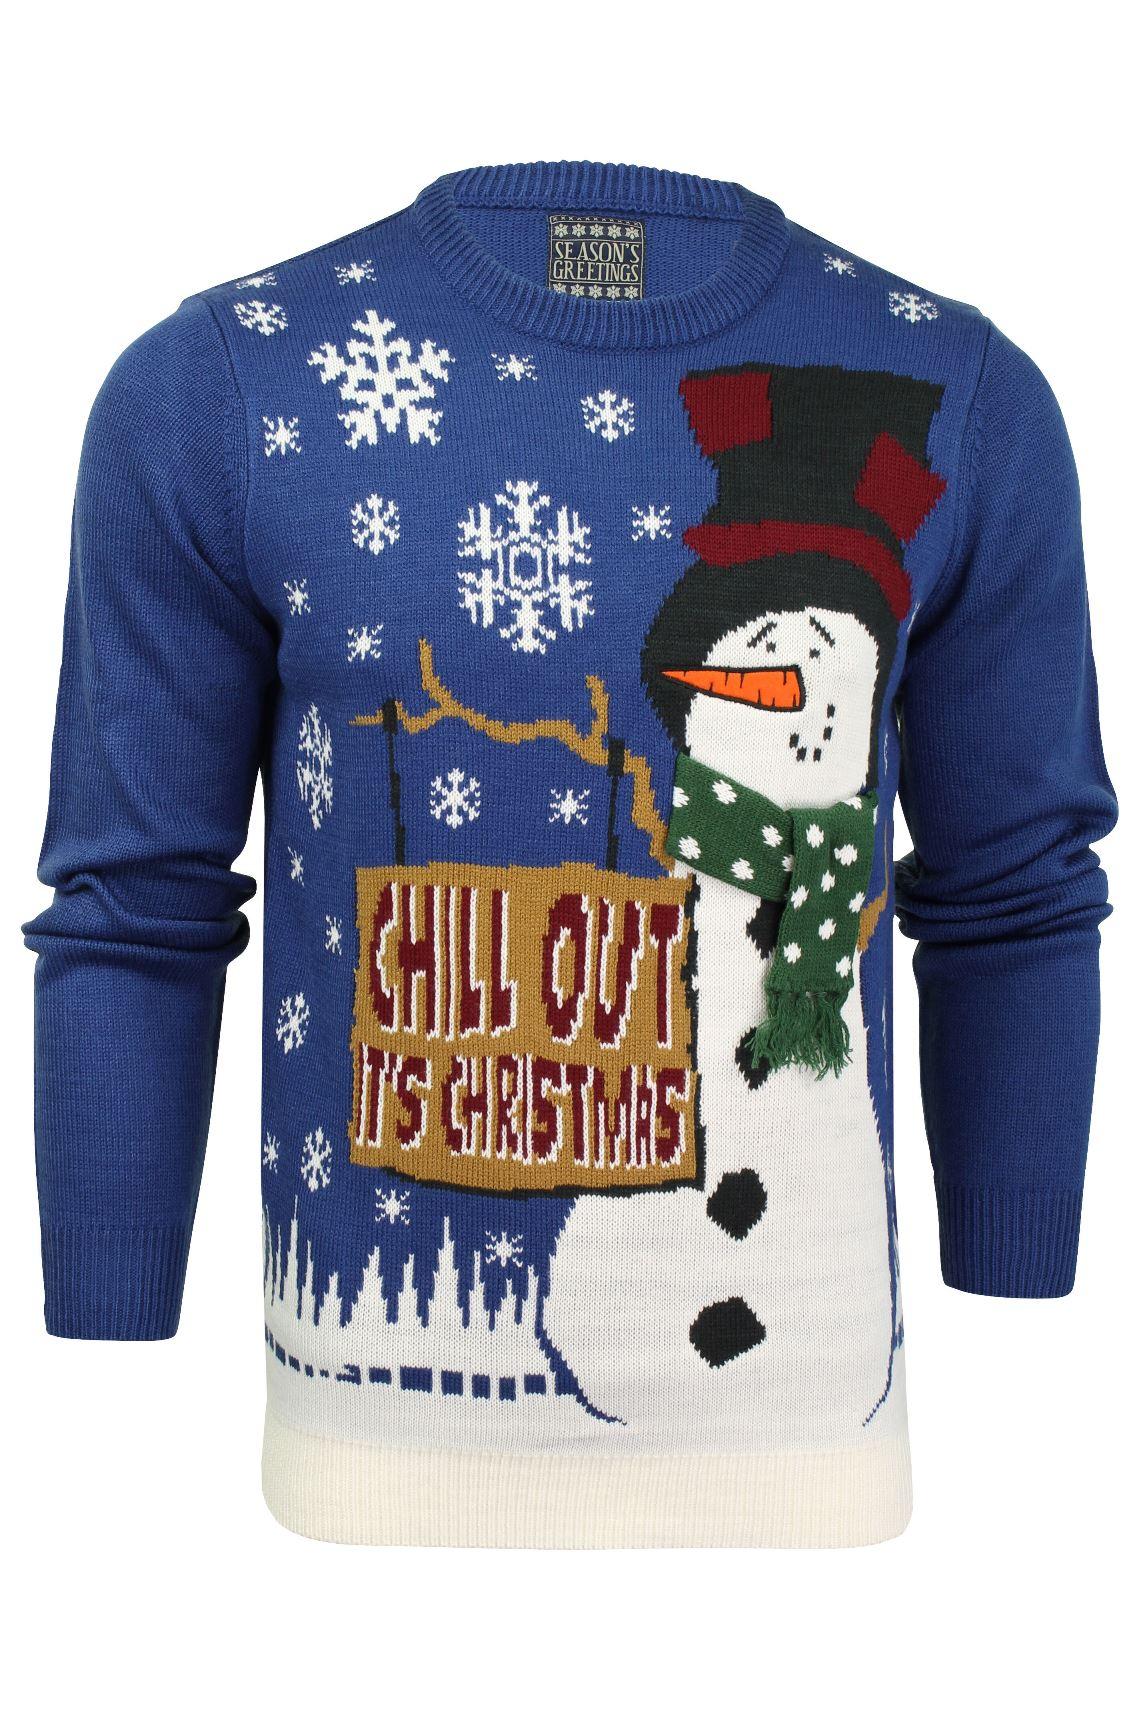 Details zu Herren WeihnachtsXmas Pullover von Seasons Greetings